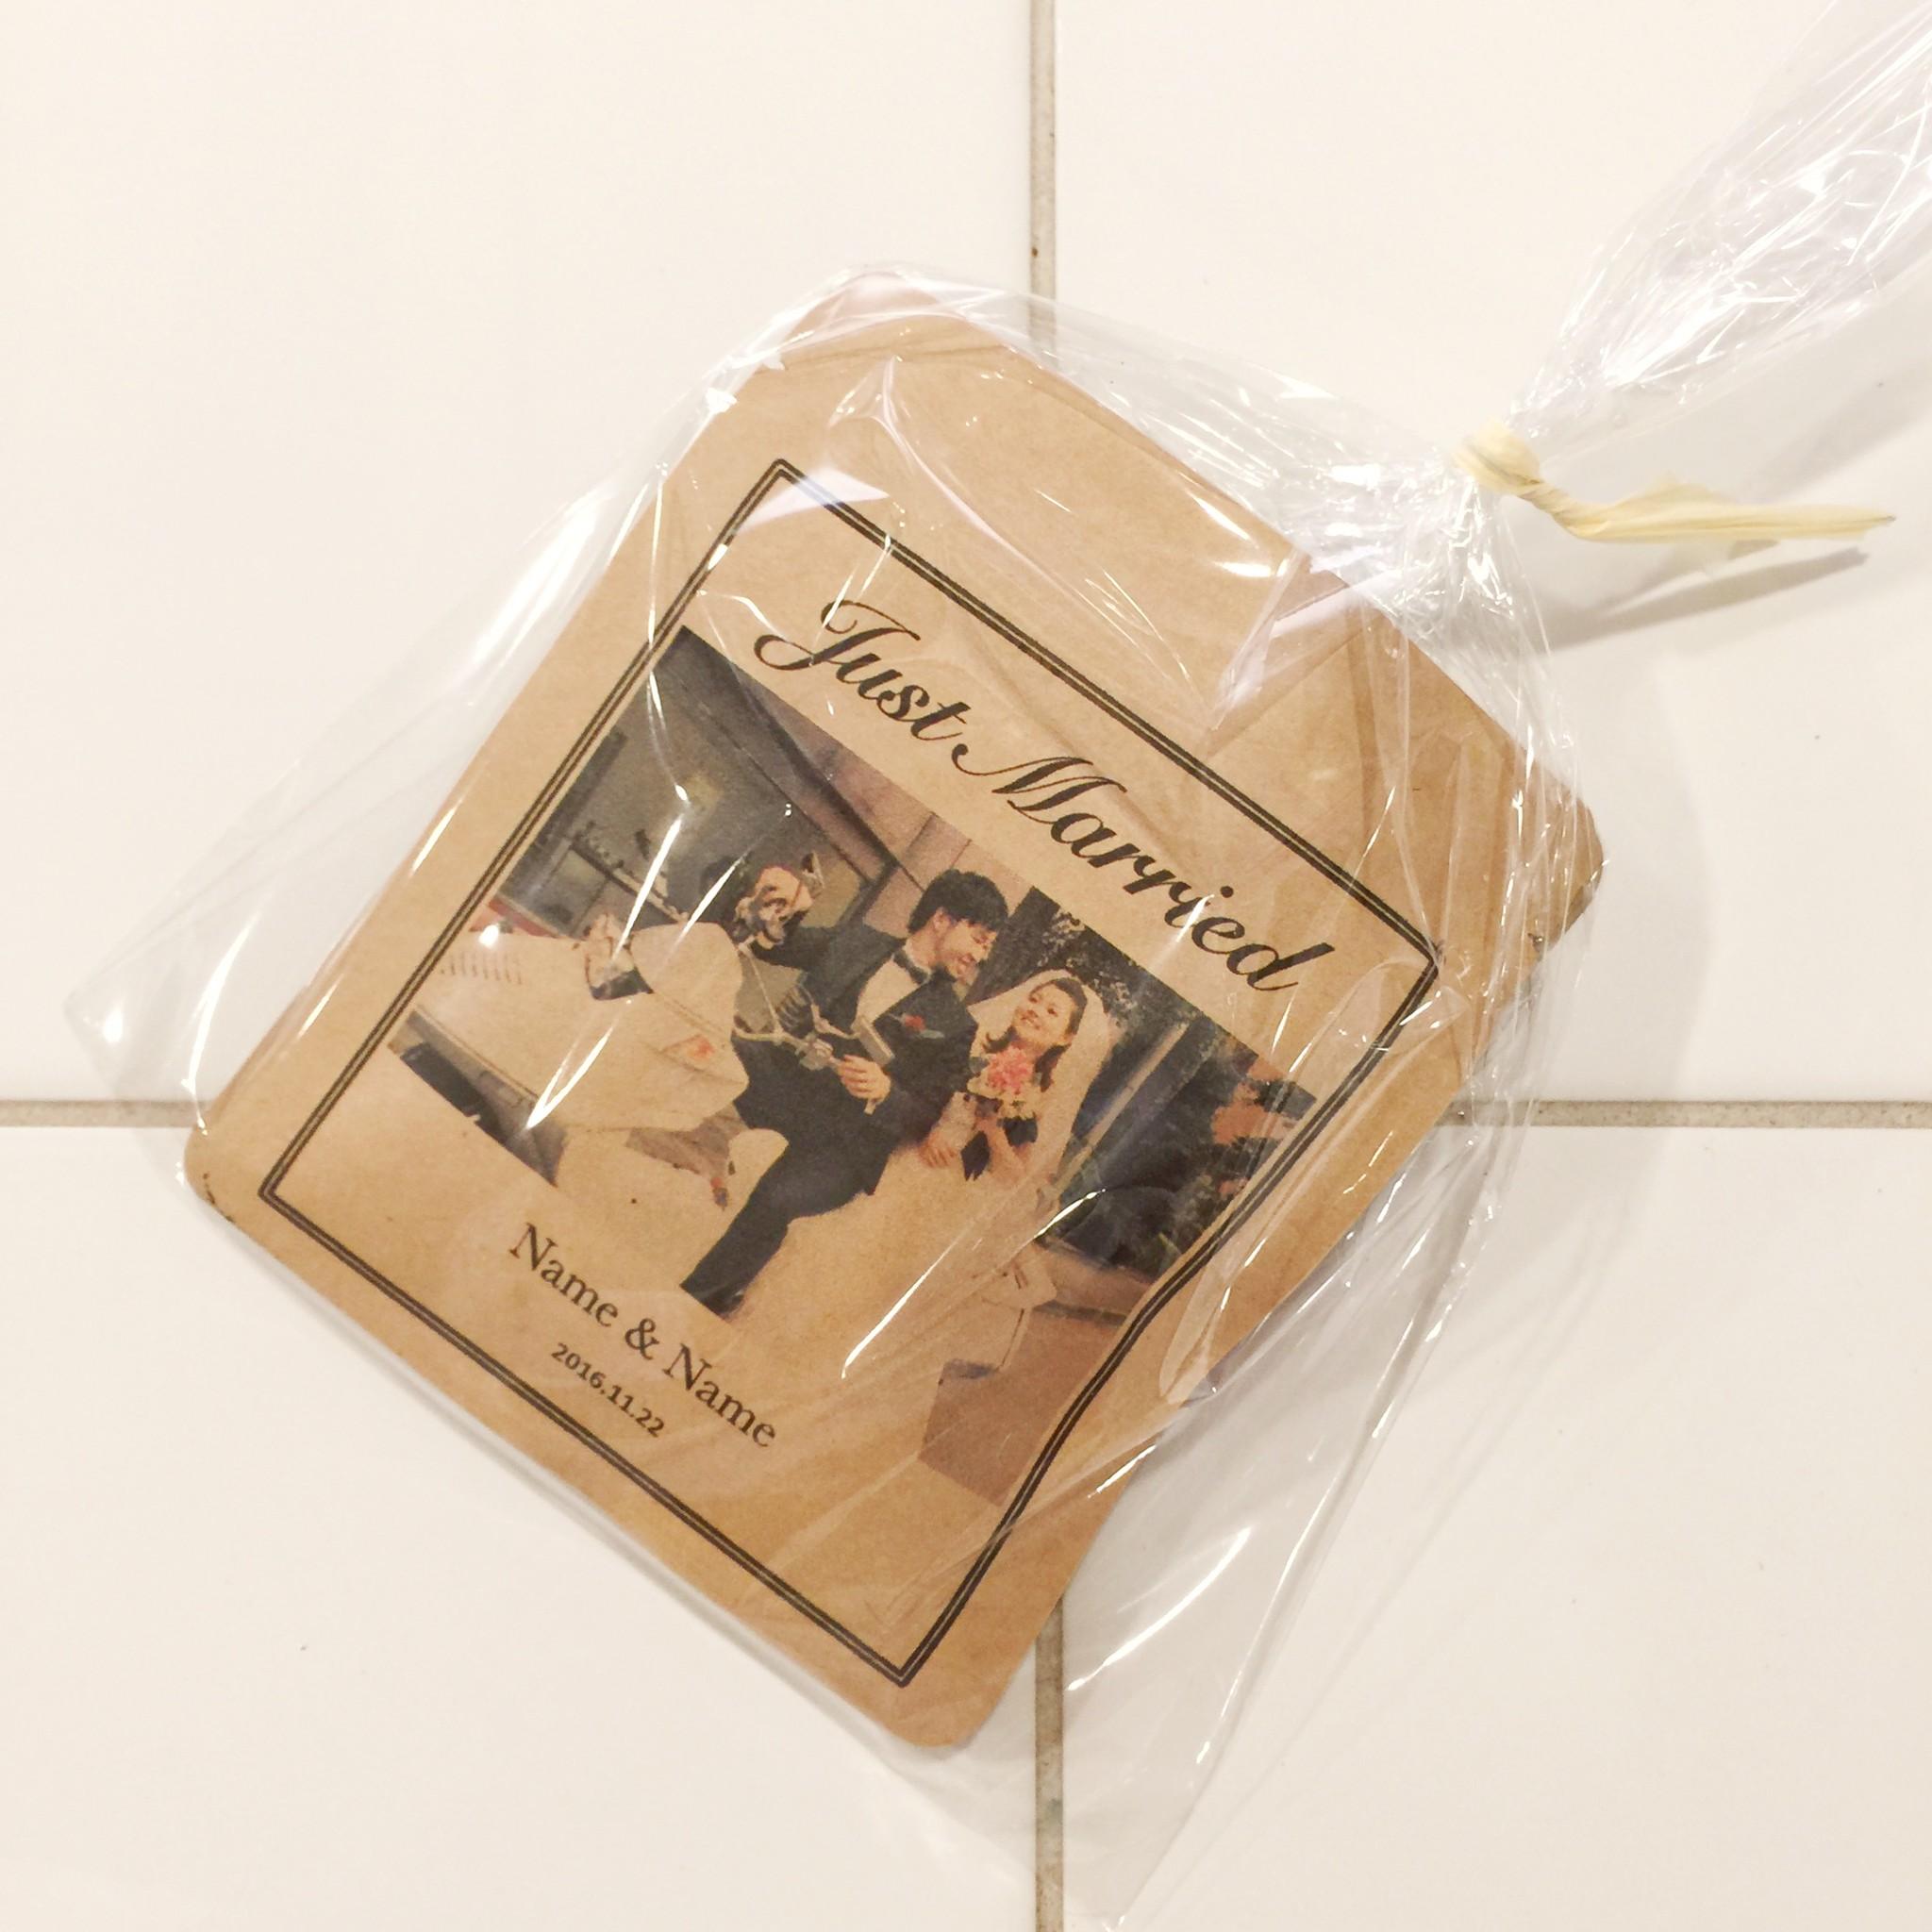 結婚式のプチギフトにオリジナルドリップバッグお作りします